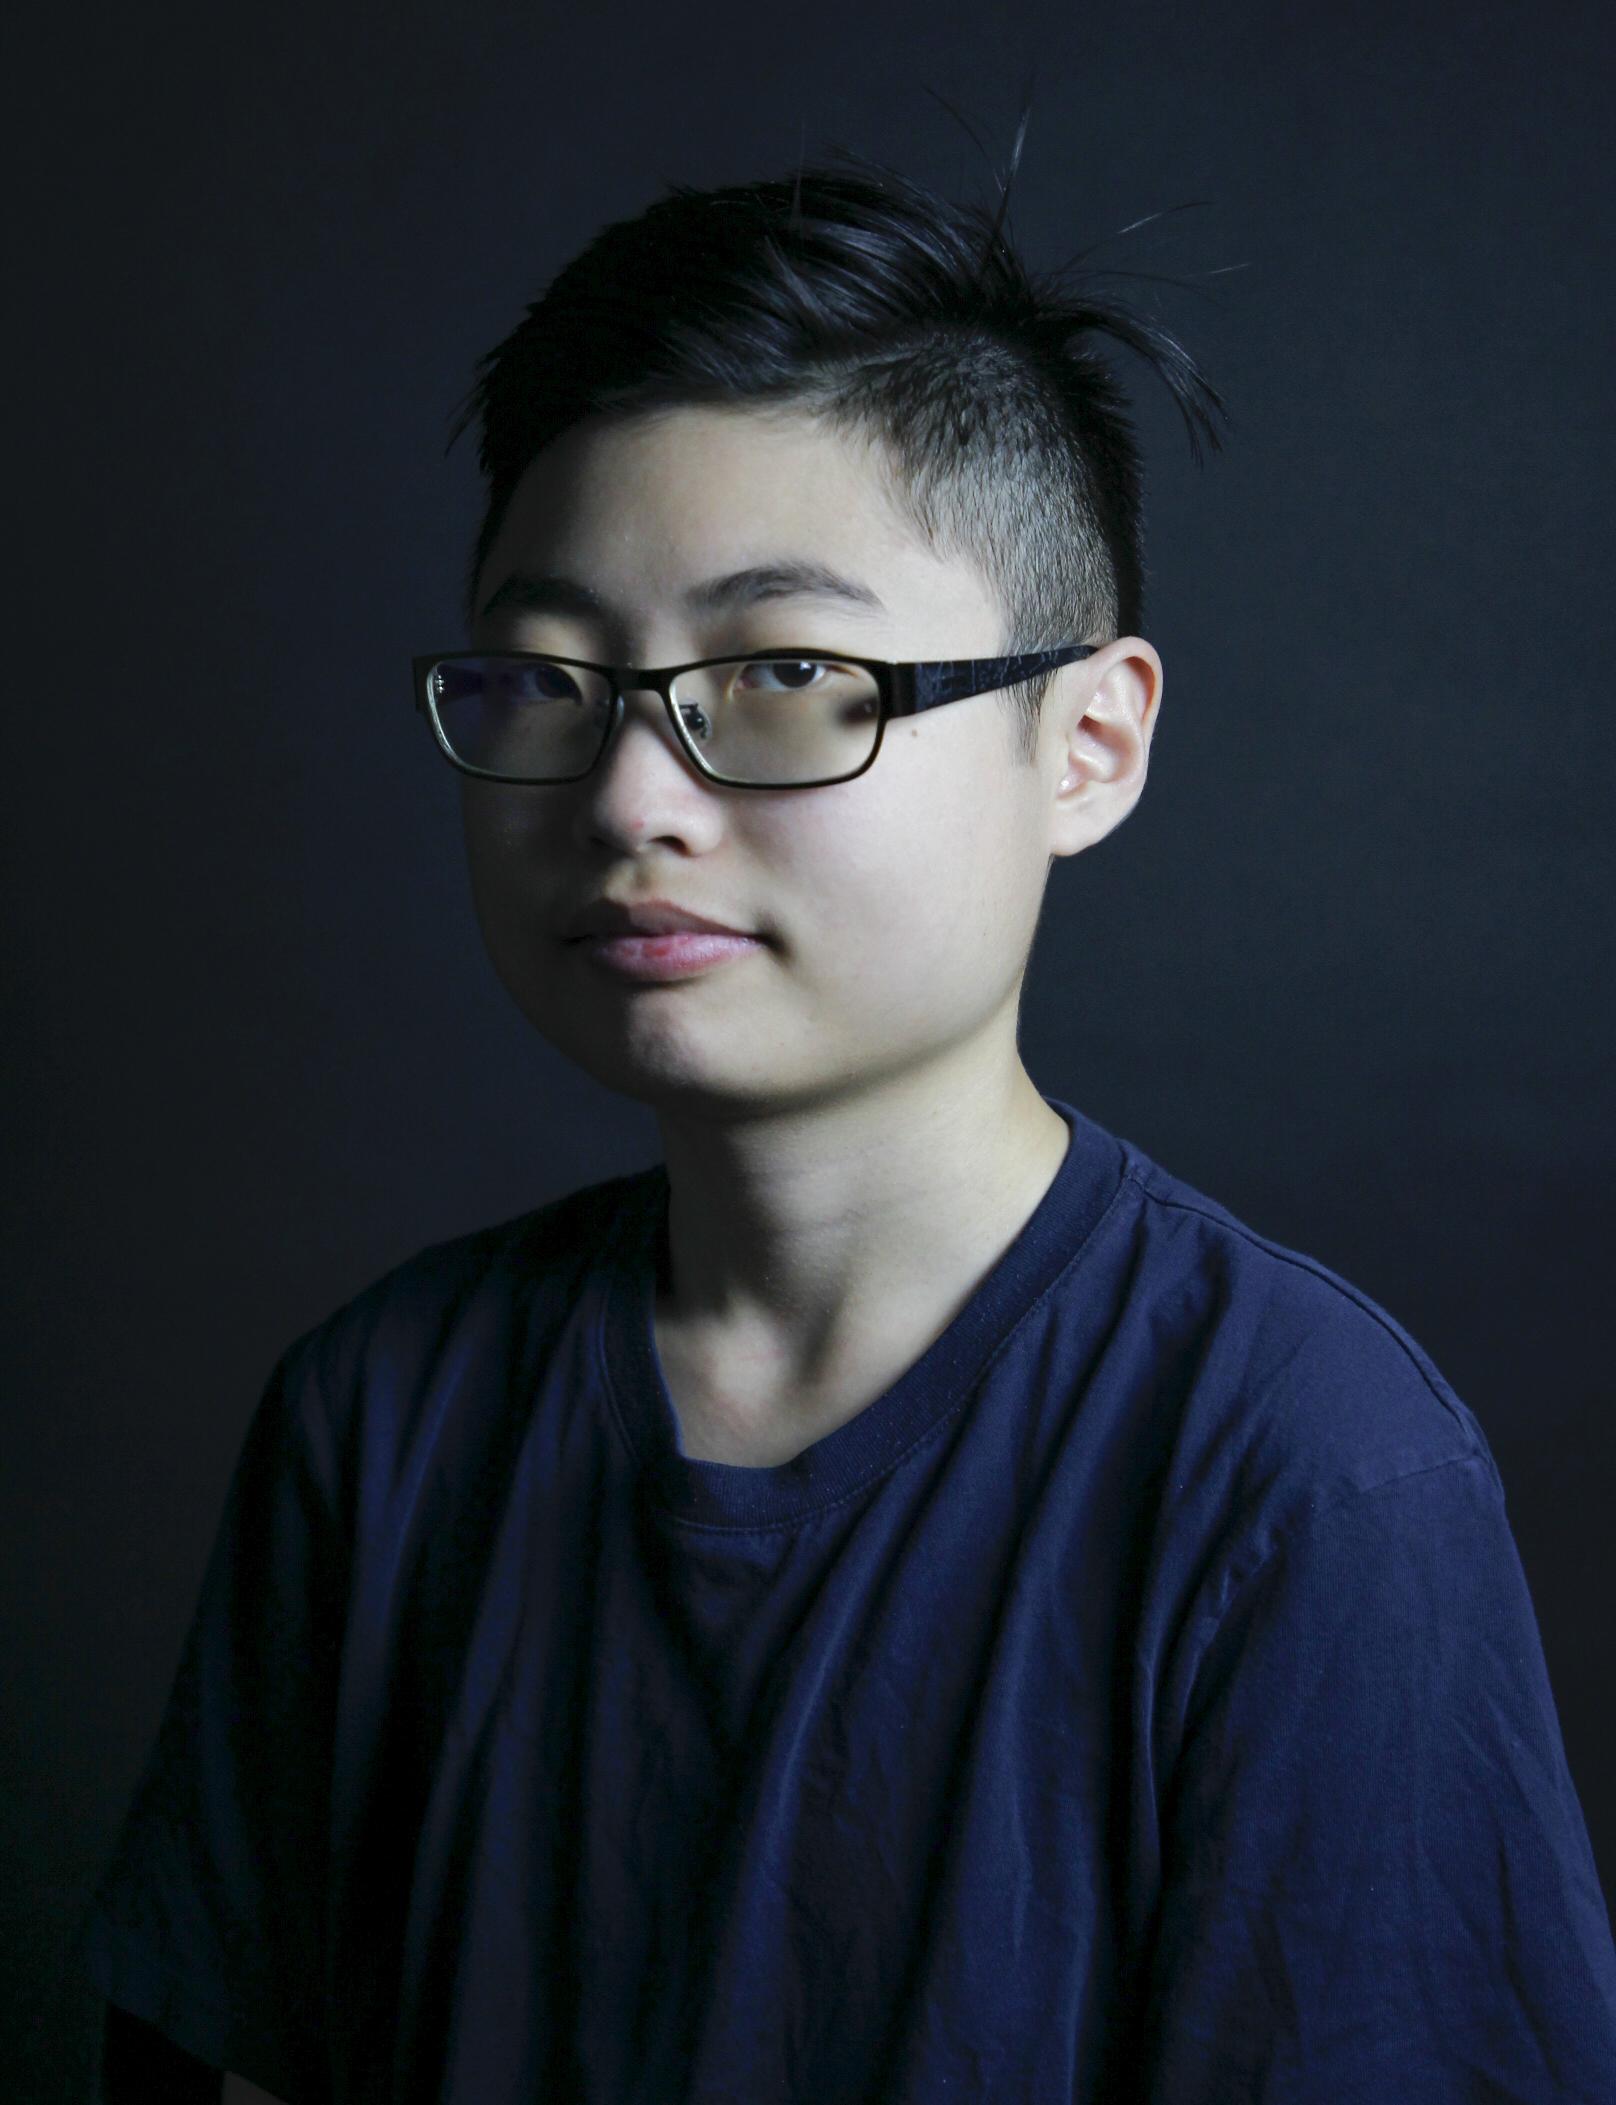 Zhi Wen Teh